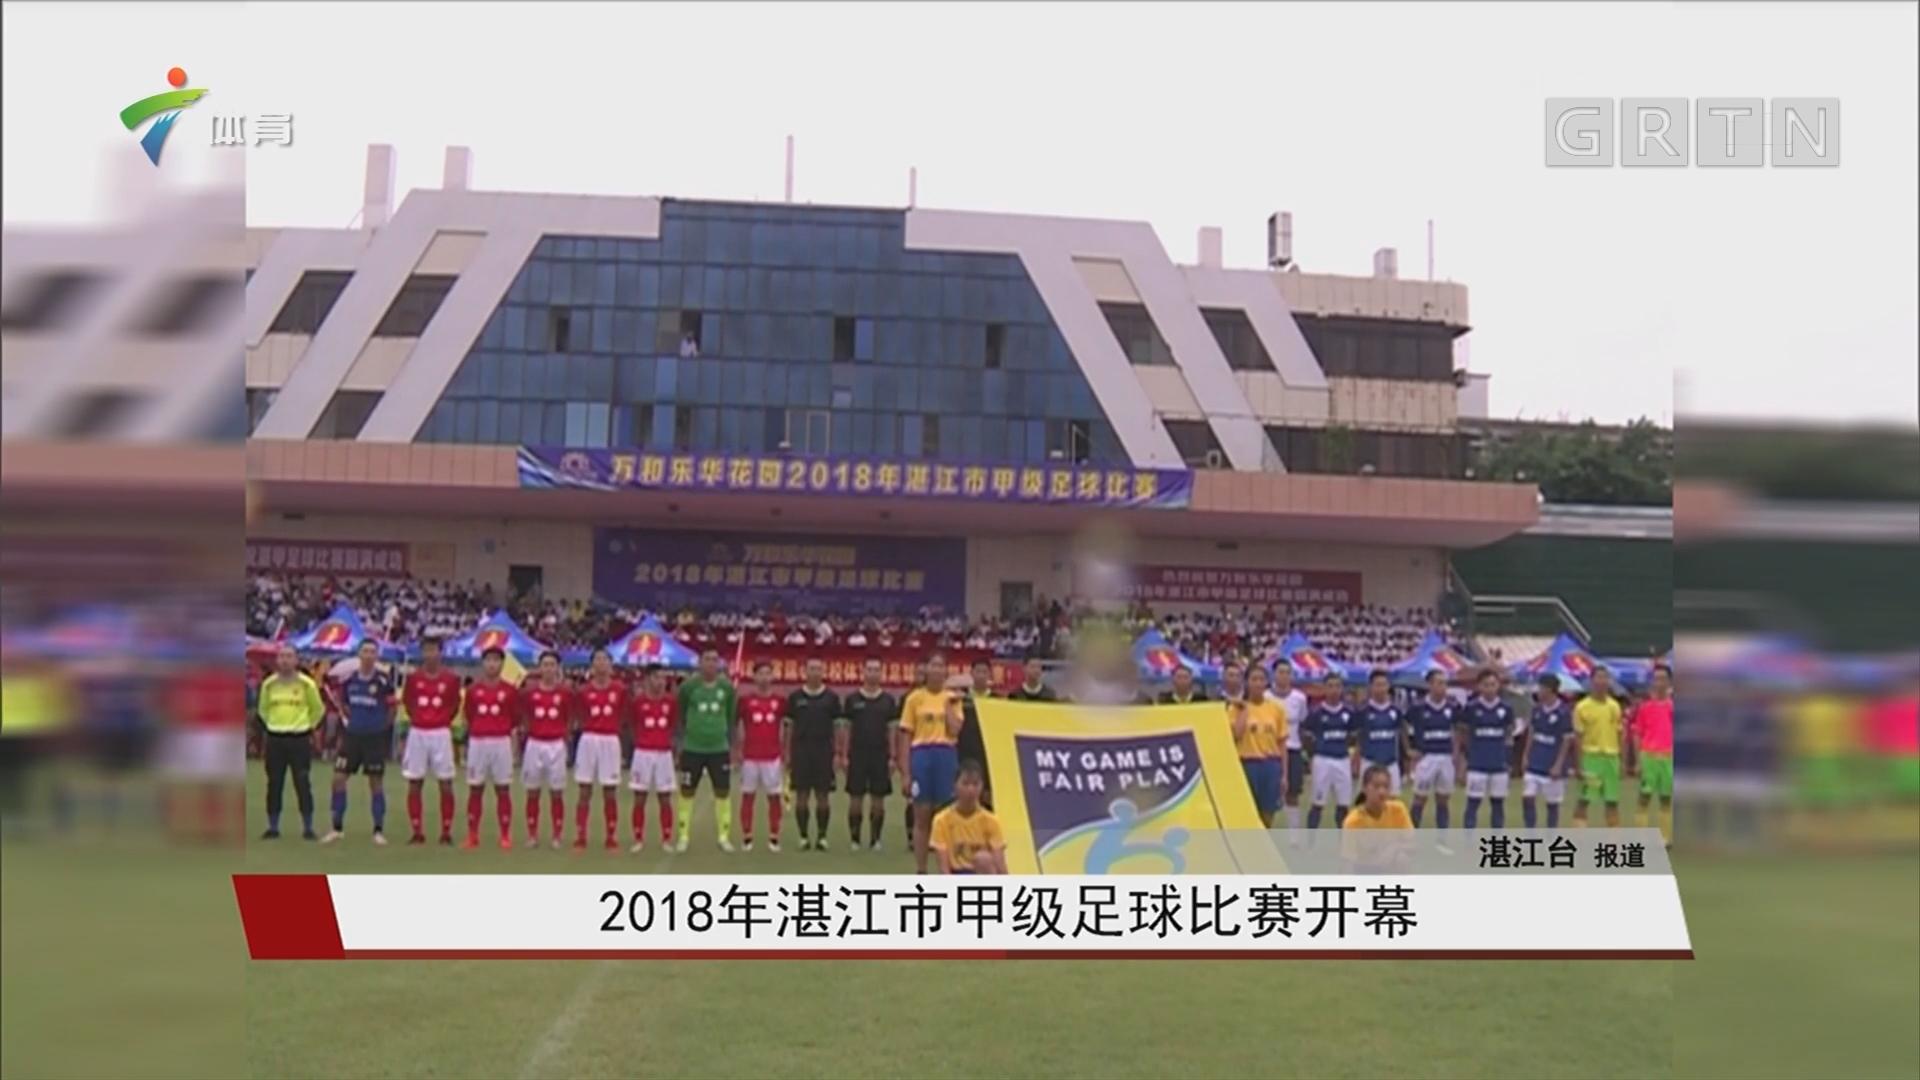 2018年湛江市甲级足球比赛开幕